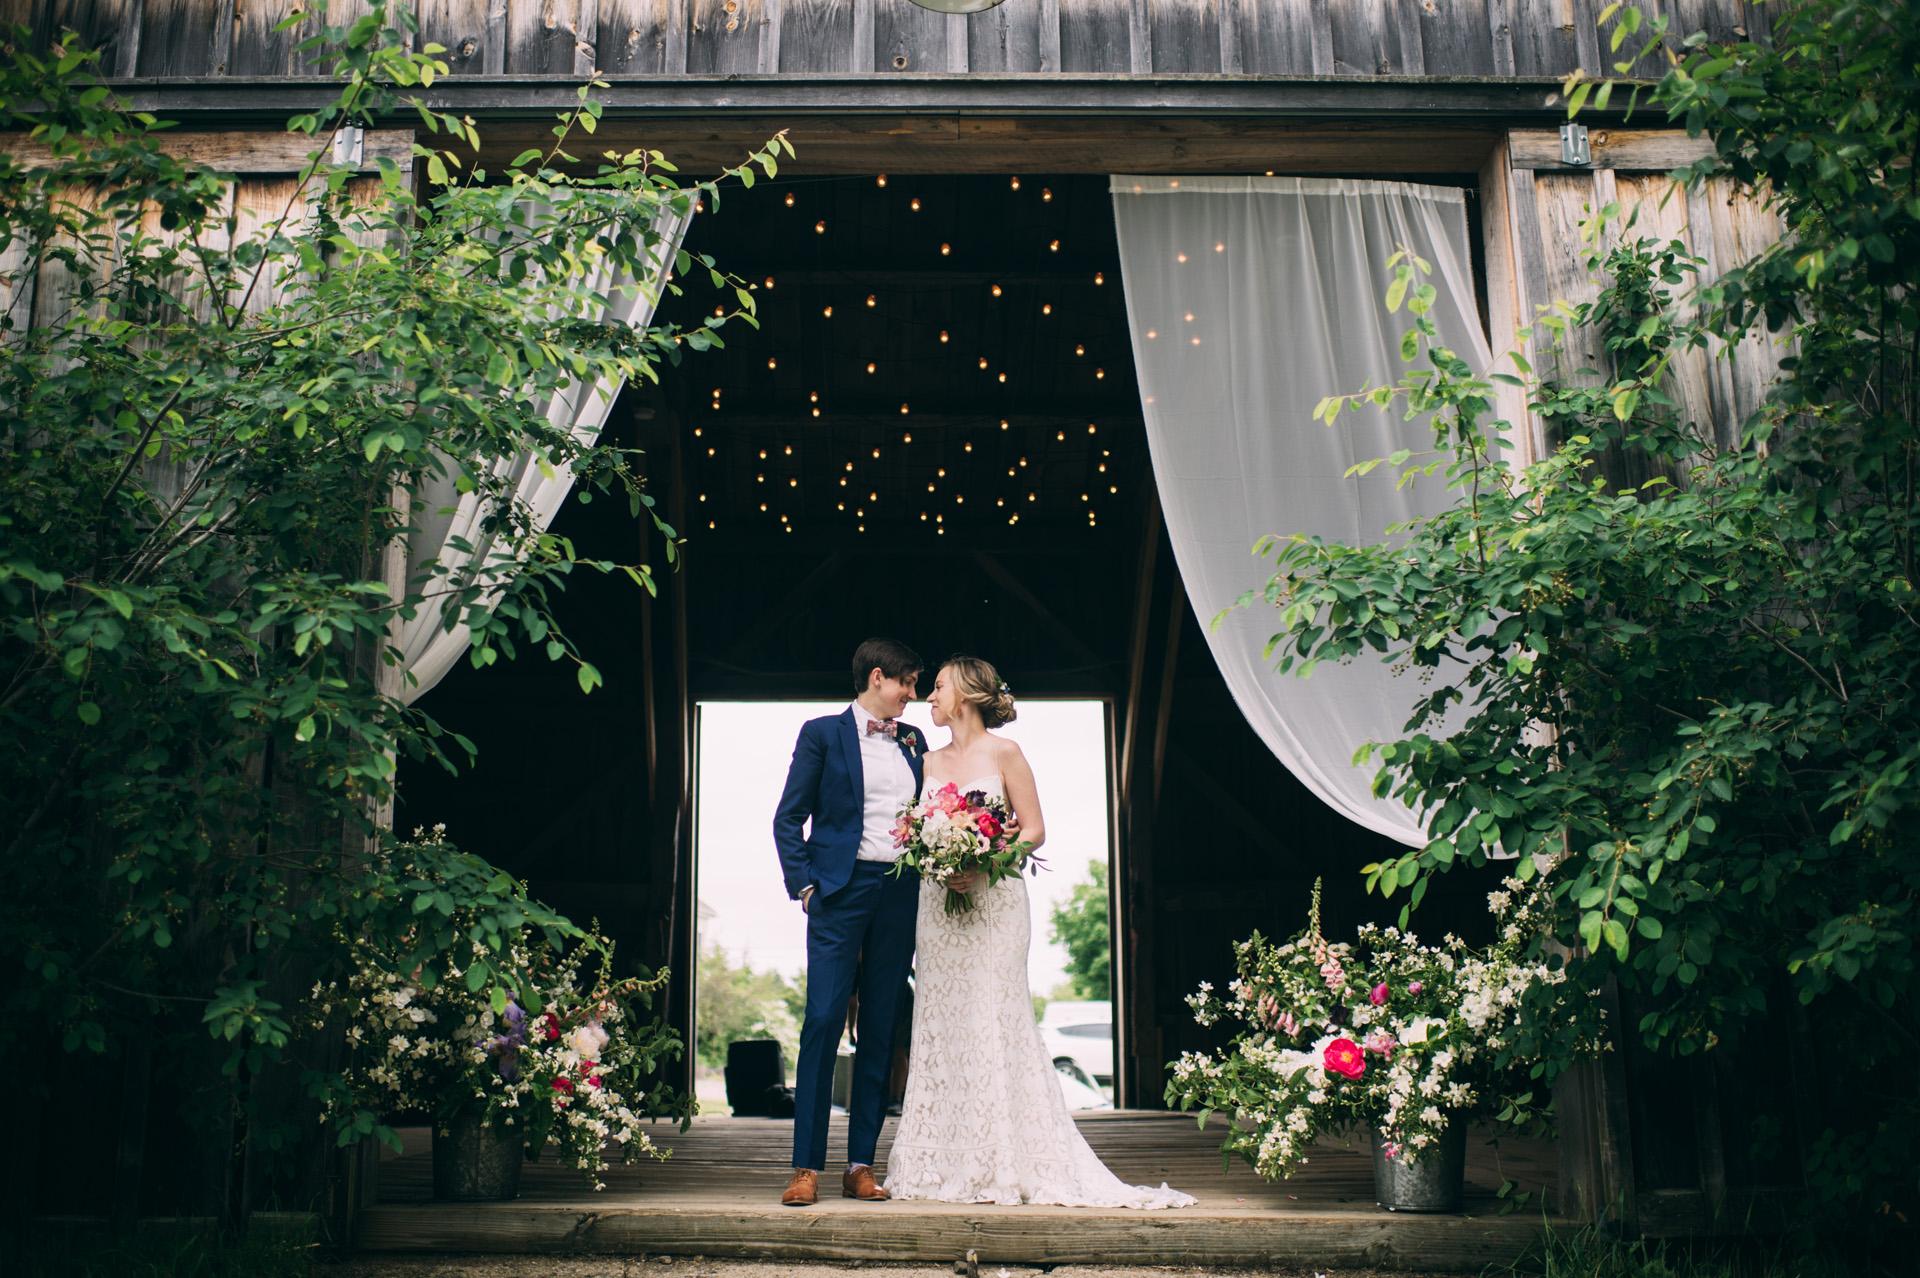 broadturn-farm-wedding-24